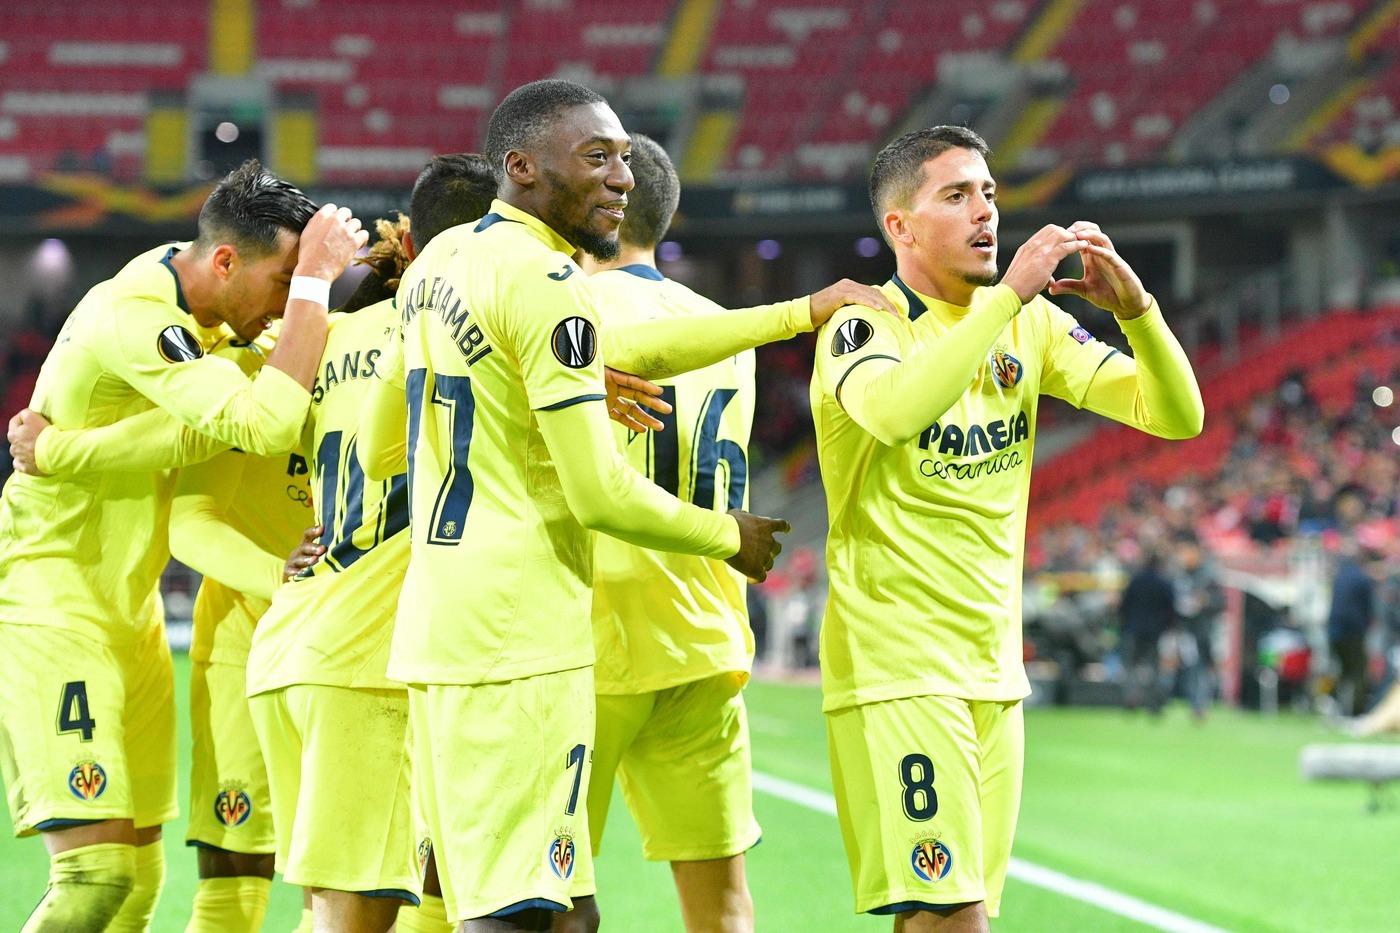 Rapid Vienna-Villarreal 8 novembre: si gioca per la quarta giornata del gruppo G di Europa League. Gli austriaci devono vincere.